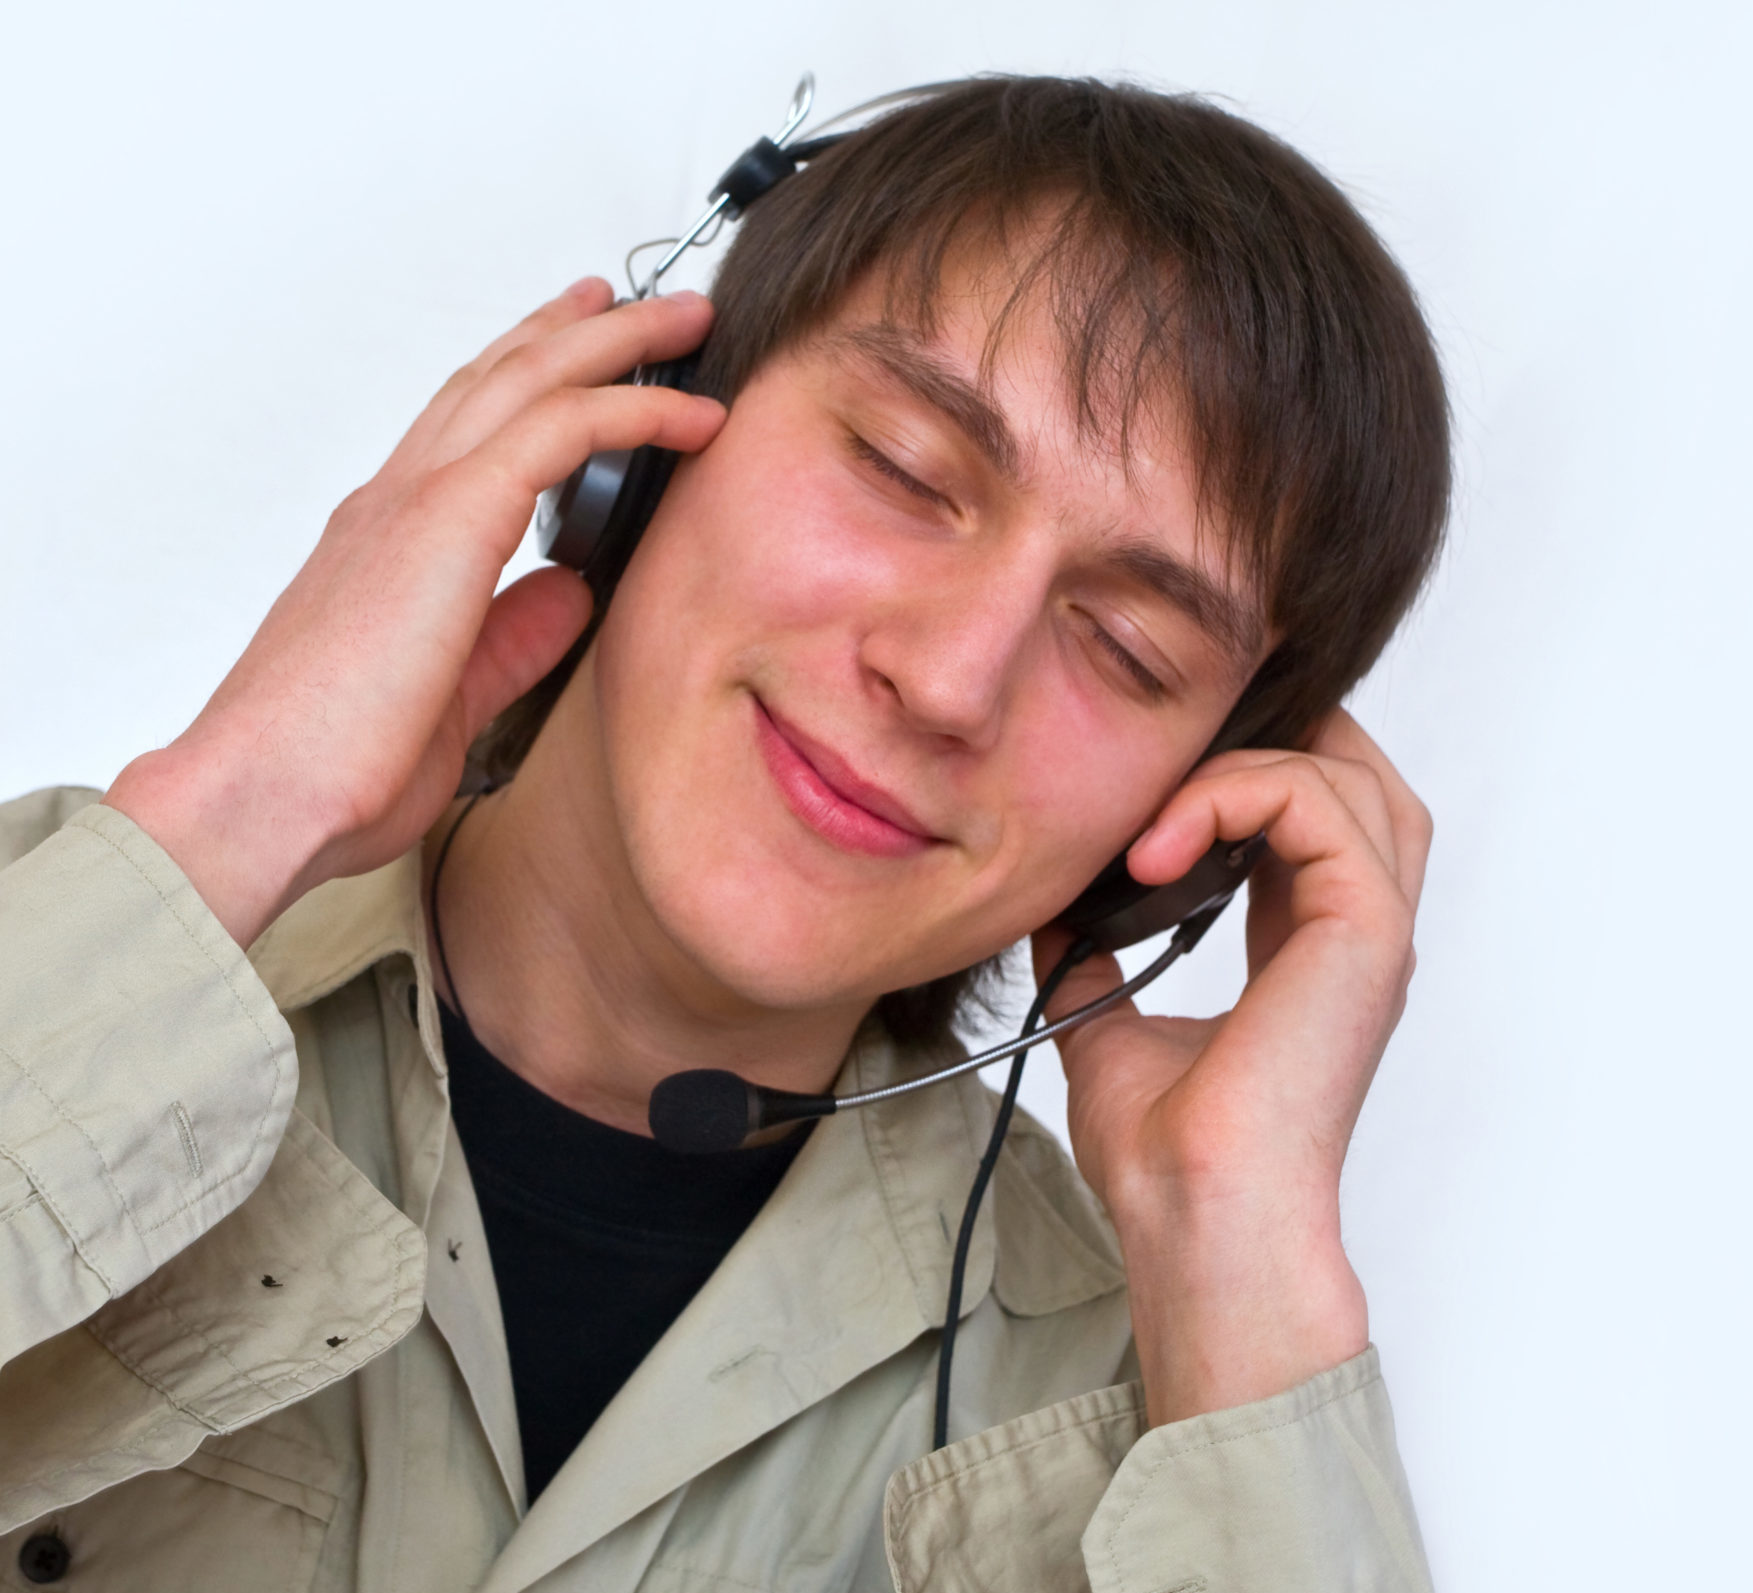 ein junger Mann hört über seine Kopfhörer Musik, mit geschlossenen Augen und einem seligen Lächeln auf den Lippen